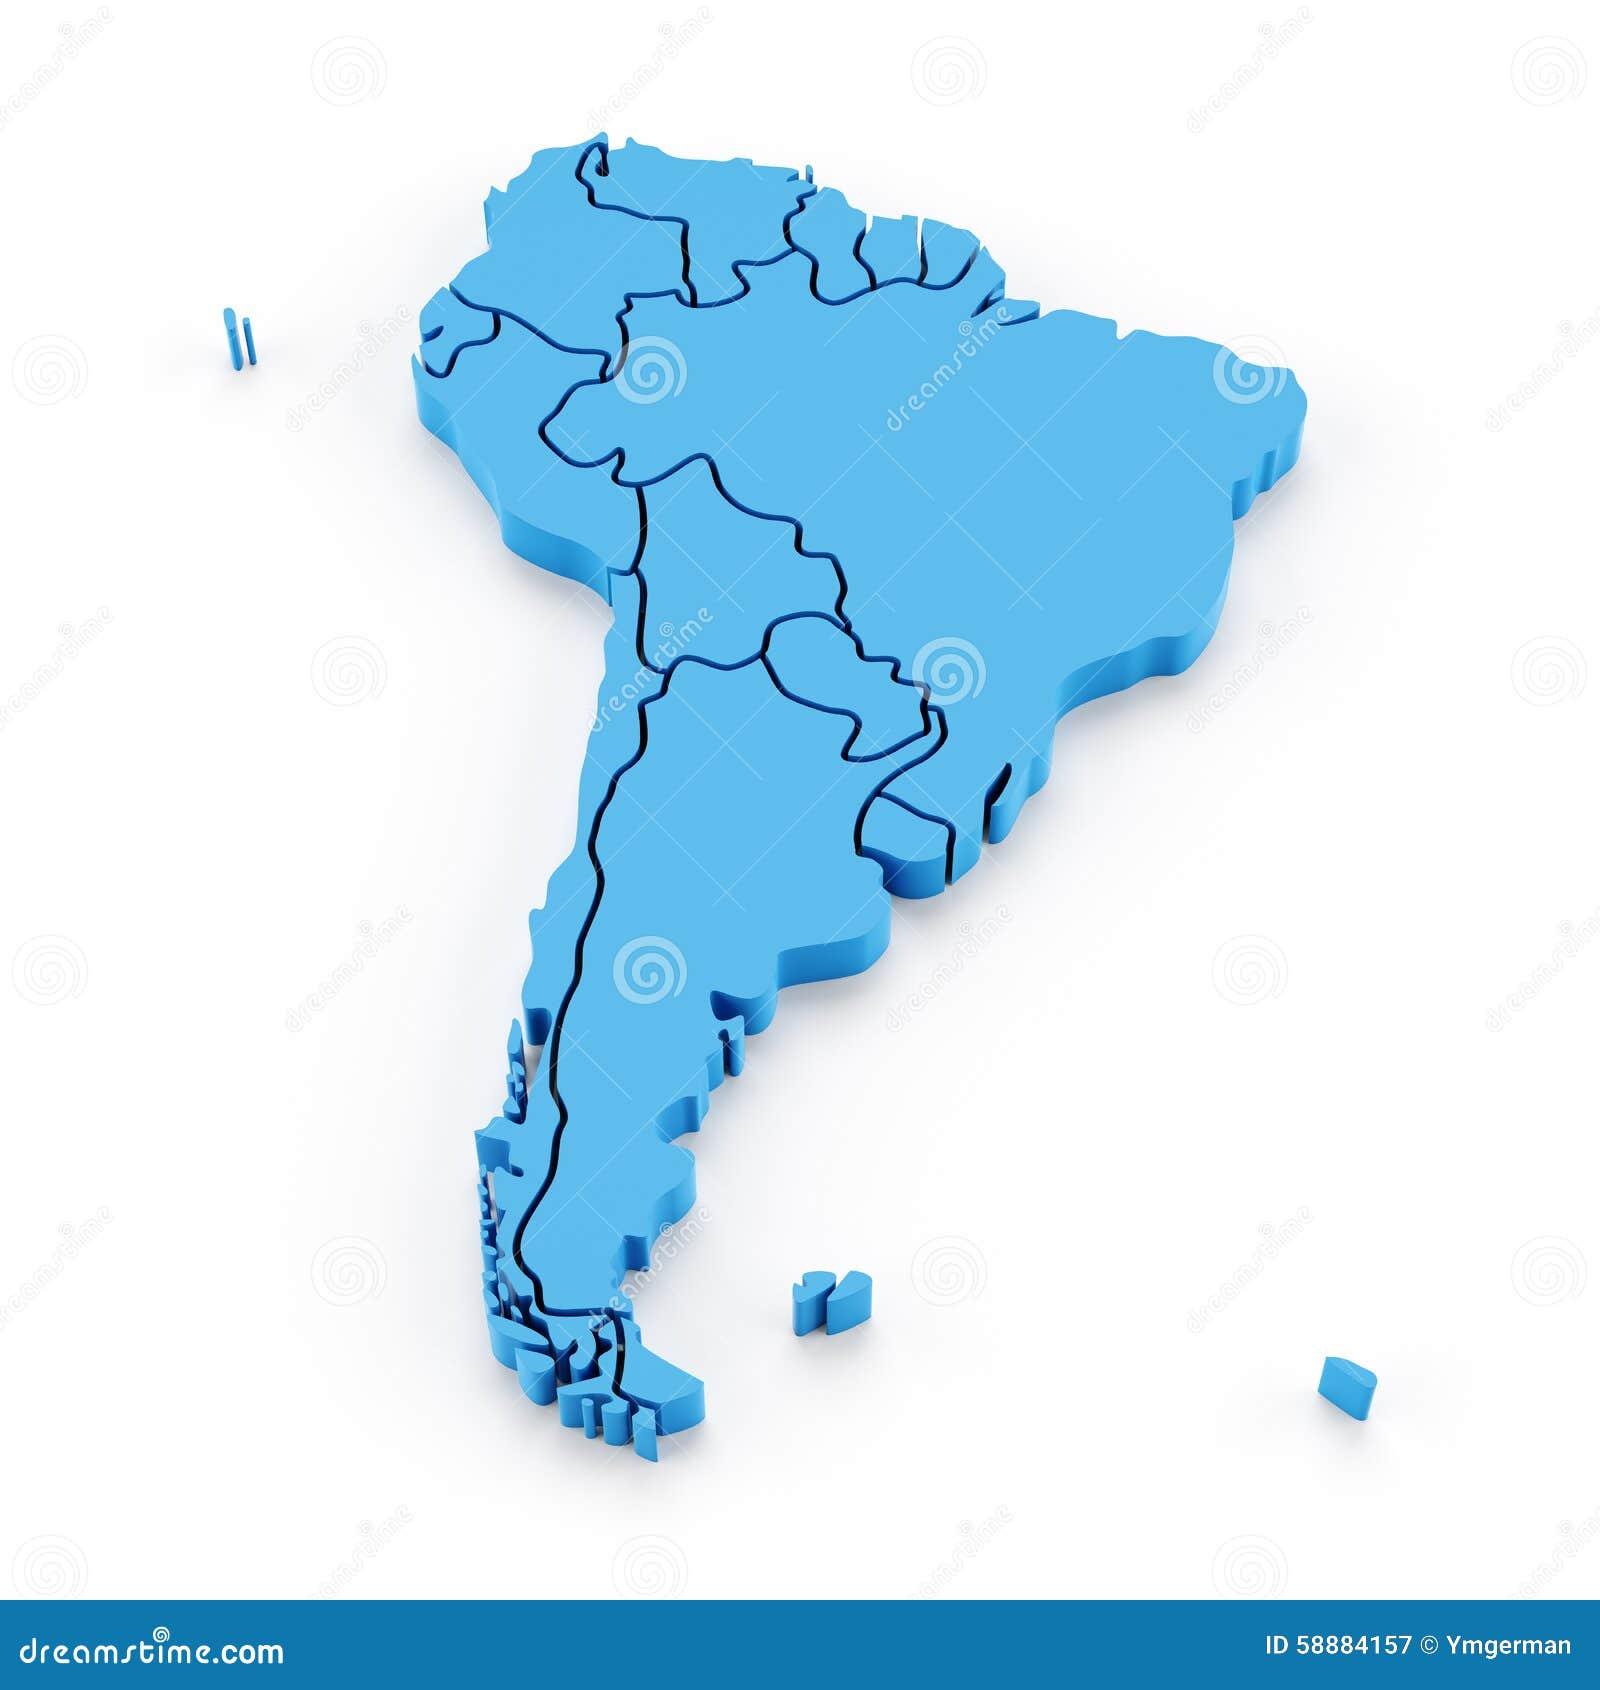 Pressad ut översikt av Sydamerika med medborgaren